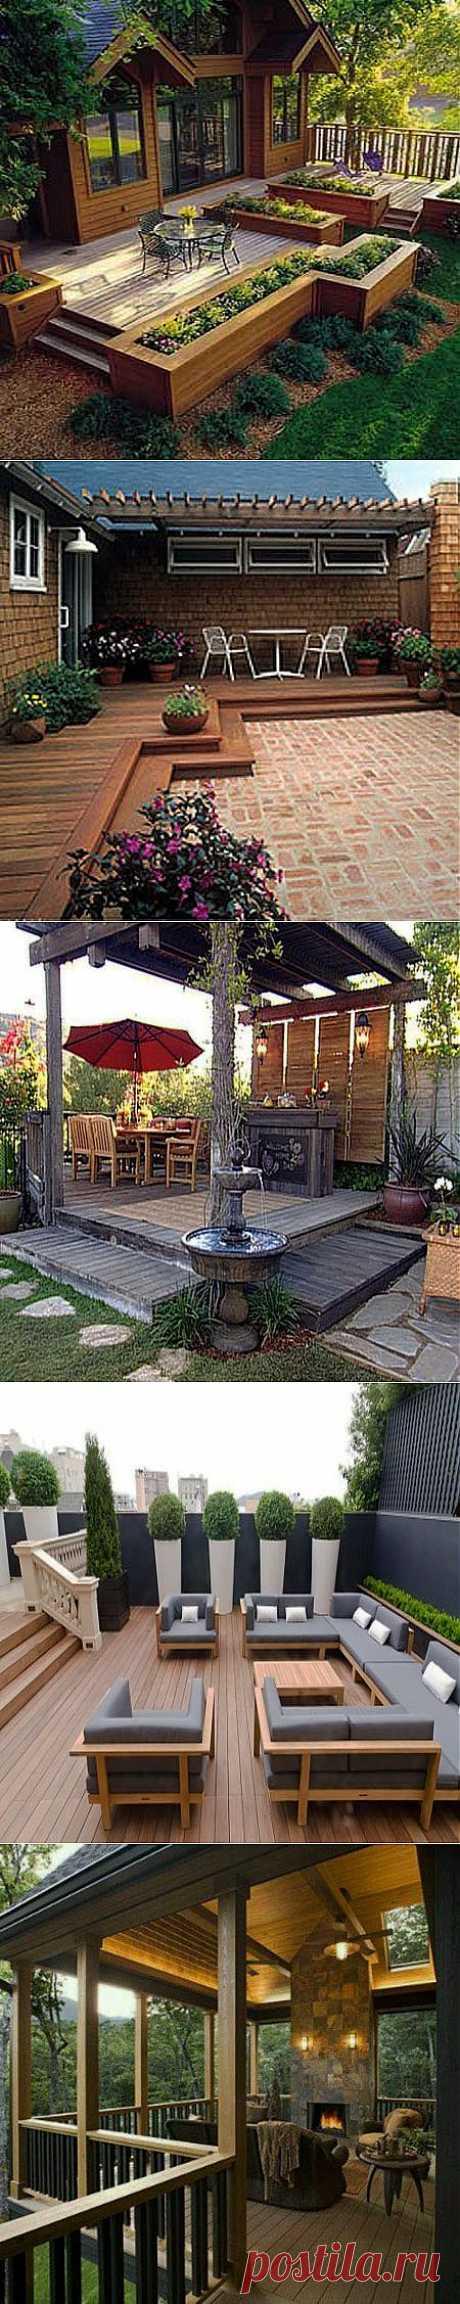 Уютная терраса на даче: 10 фото и рекомендаций   ВСЁ ДЛЯ ДОМА